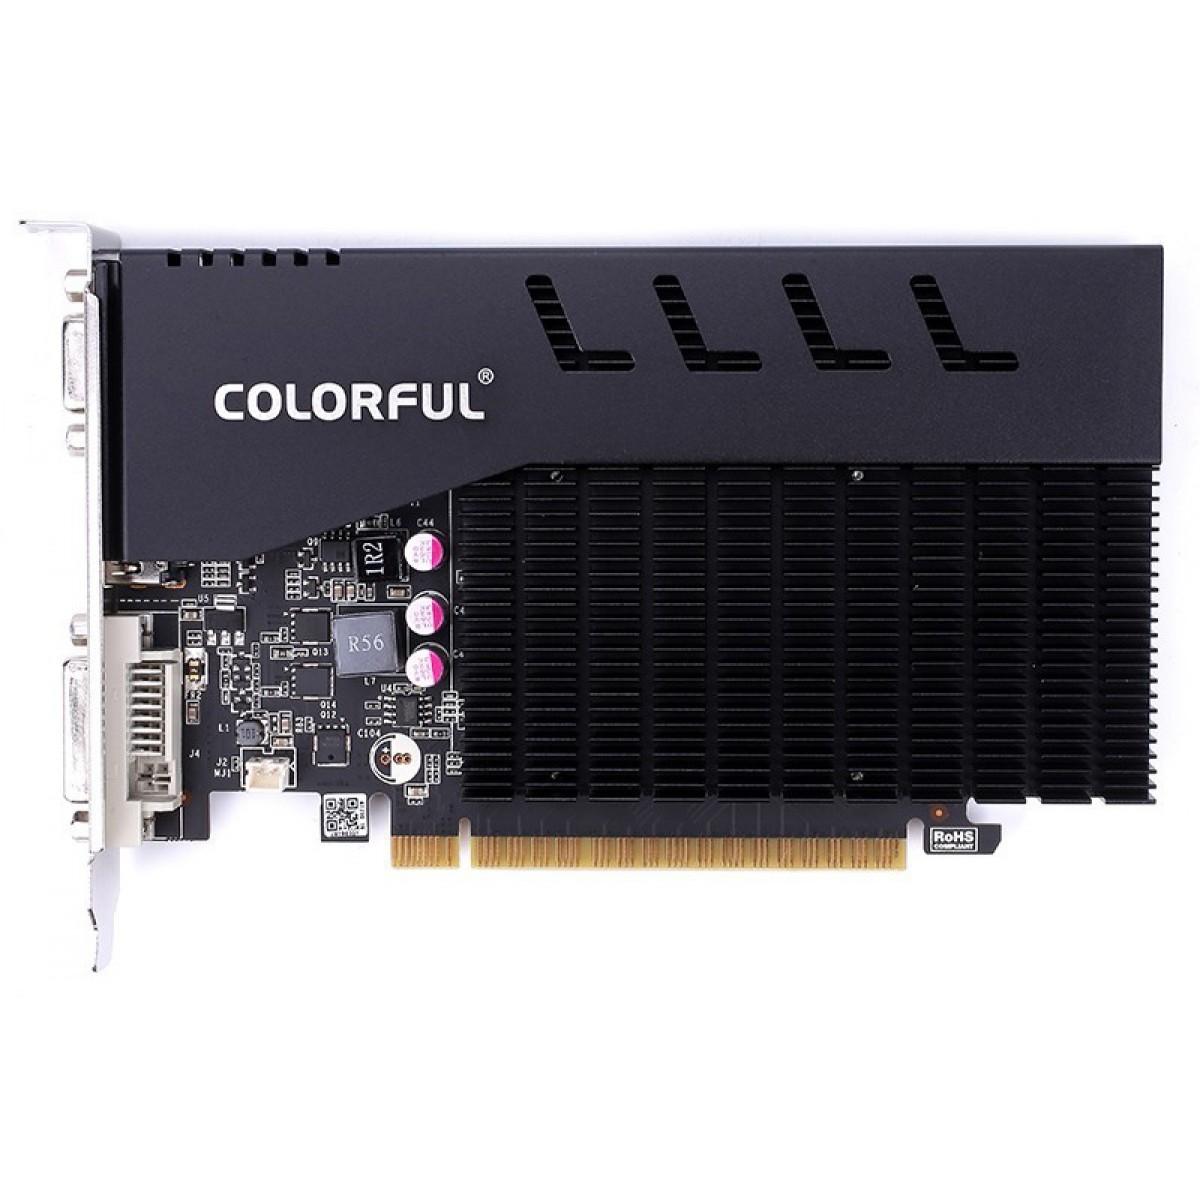 Placa de Vídeo Colorful, GeForce, GT 710 V2.0, 1GB, GDDR3, 64Bit, GT710-2GD3-V